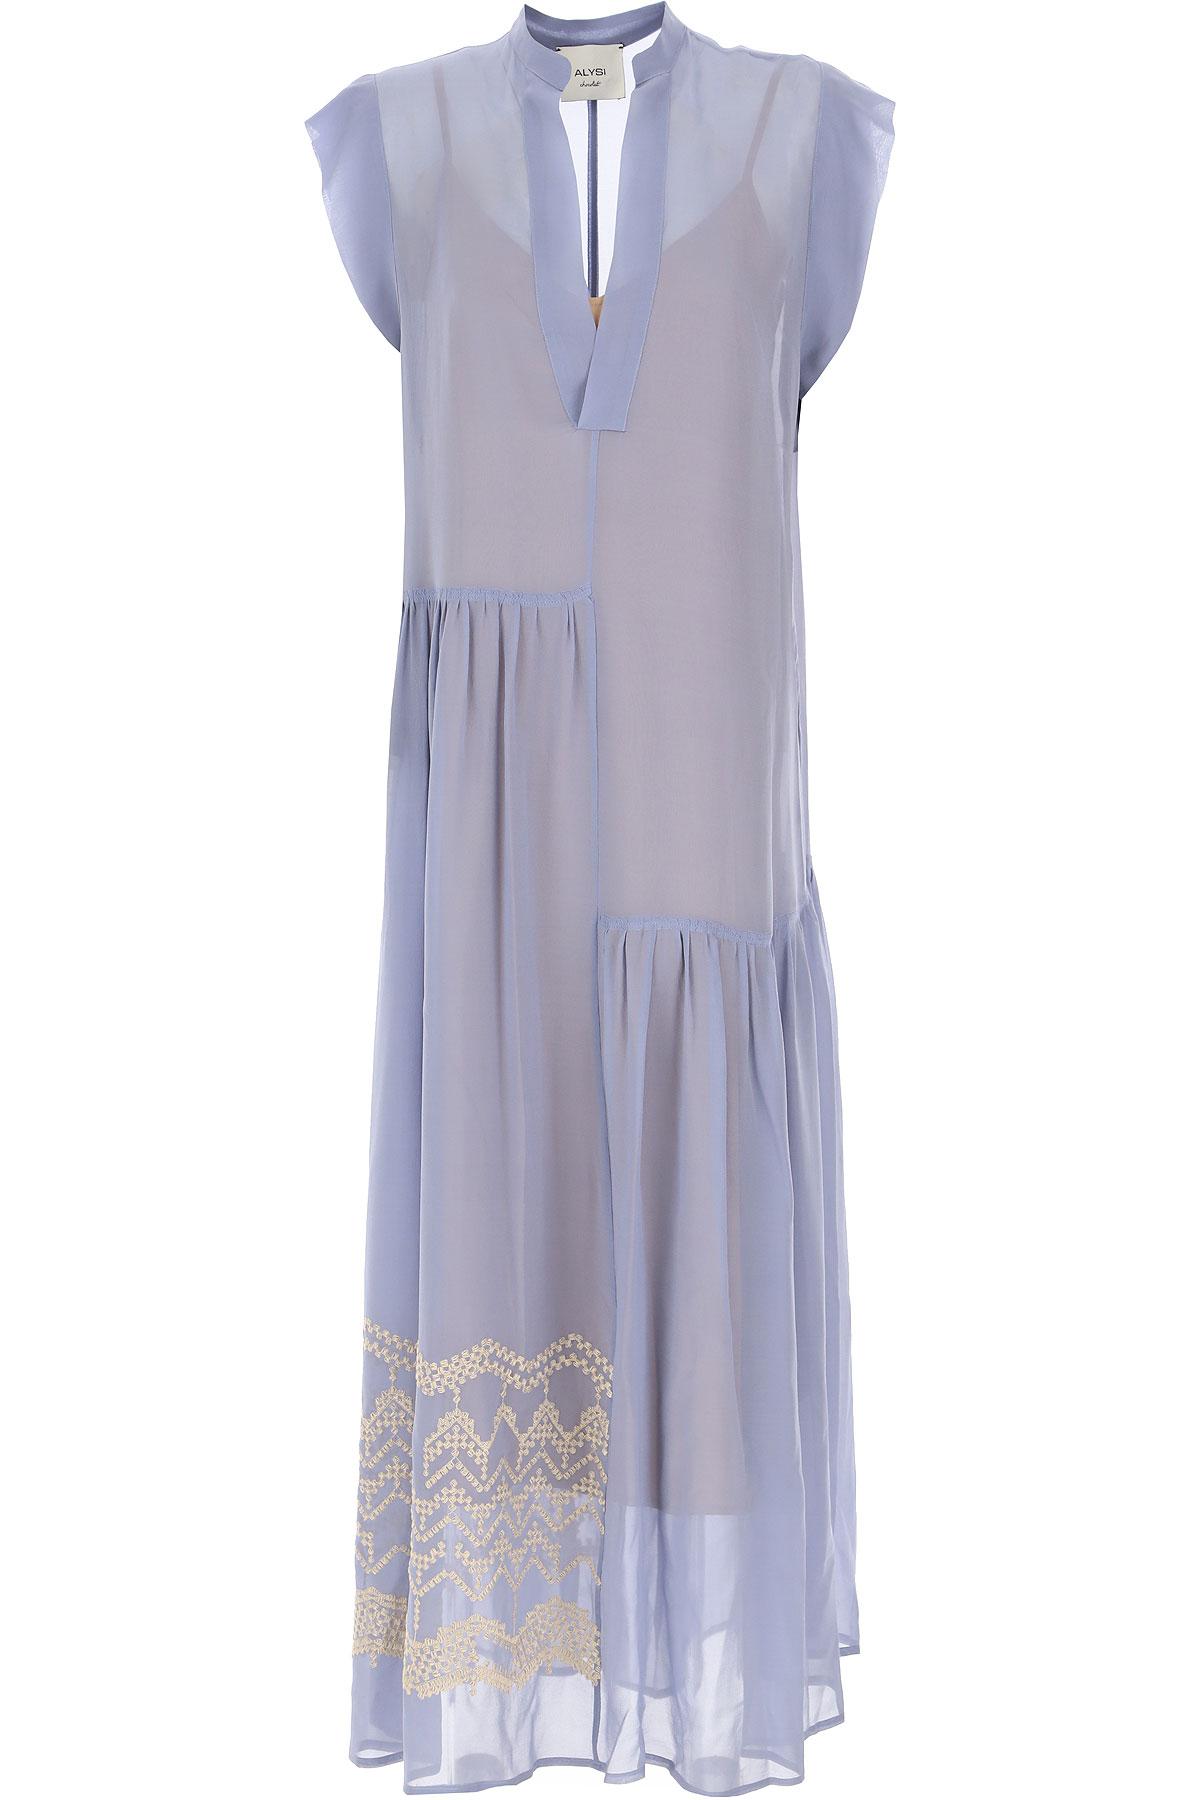 ALYSI Robe Femme Pas cher en Soldes, Bleu perle pâle, Soie, 2019, 40 M